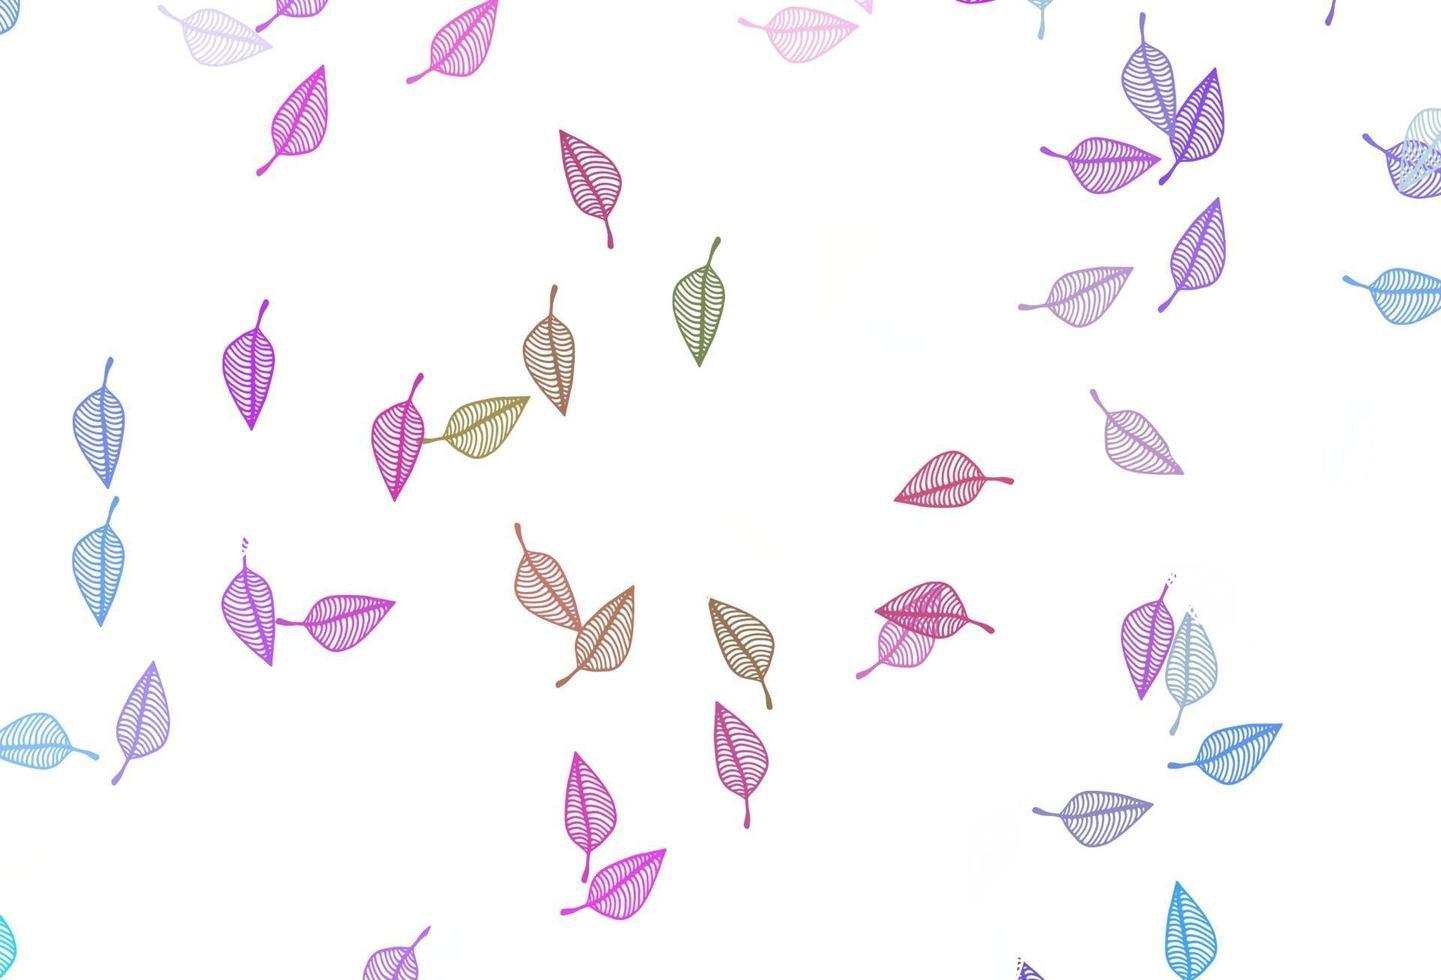 luz multicolor, capa de doodle de vetor de arco-íris.